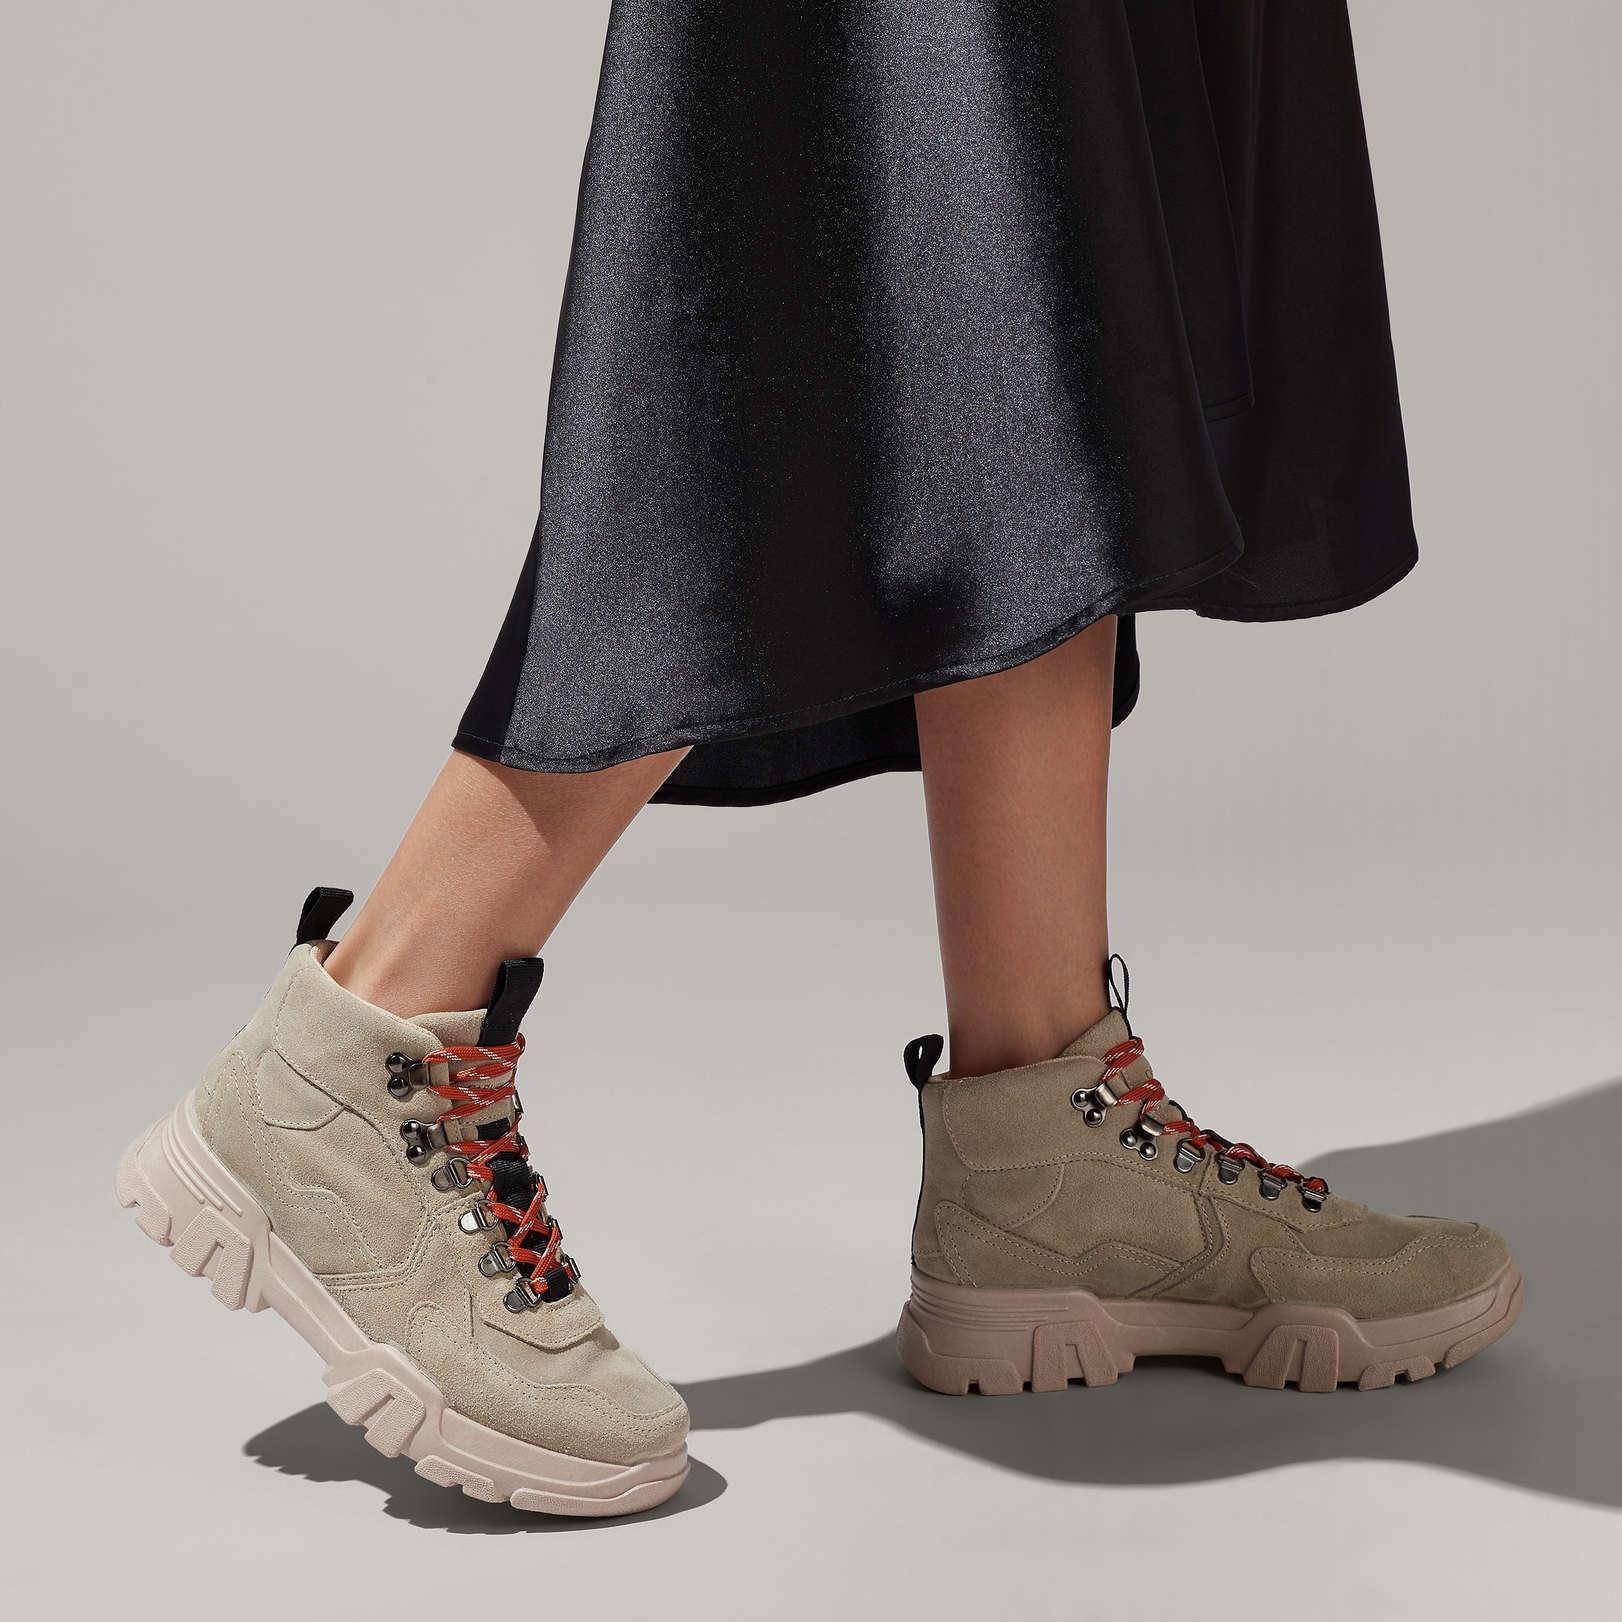 LOOPY - CARVELA Sneakers